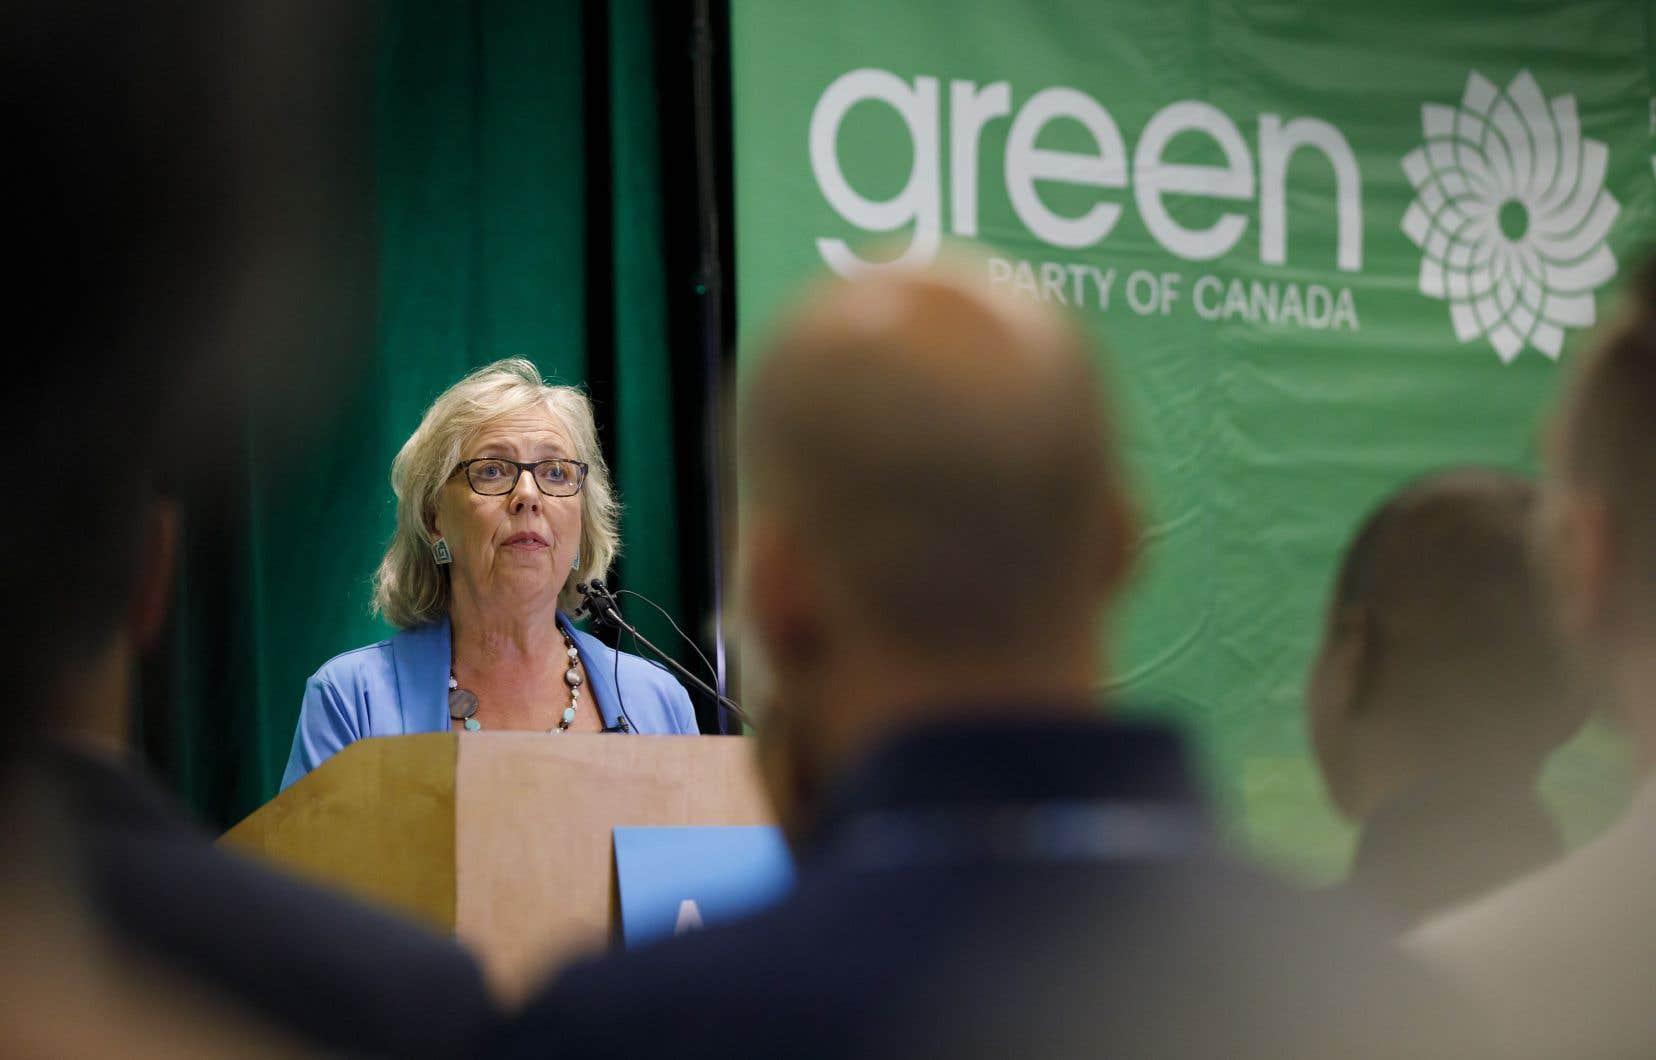 «Nous devons cesser de traiter la toxicomanie comme un problème criminel et commencer à la traiter comme un problème de santé, a déclaré la chef du Parti vert, Elizabeth May par voie de communiqué. Il s'agit d'une urgence sanitaire nationale.»